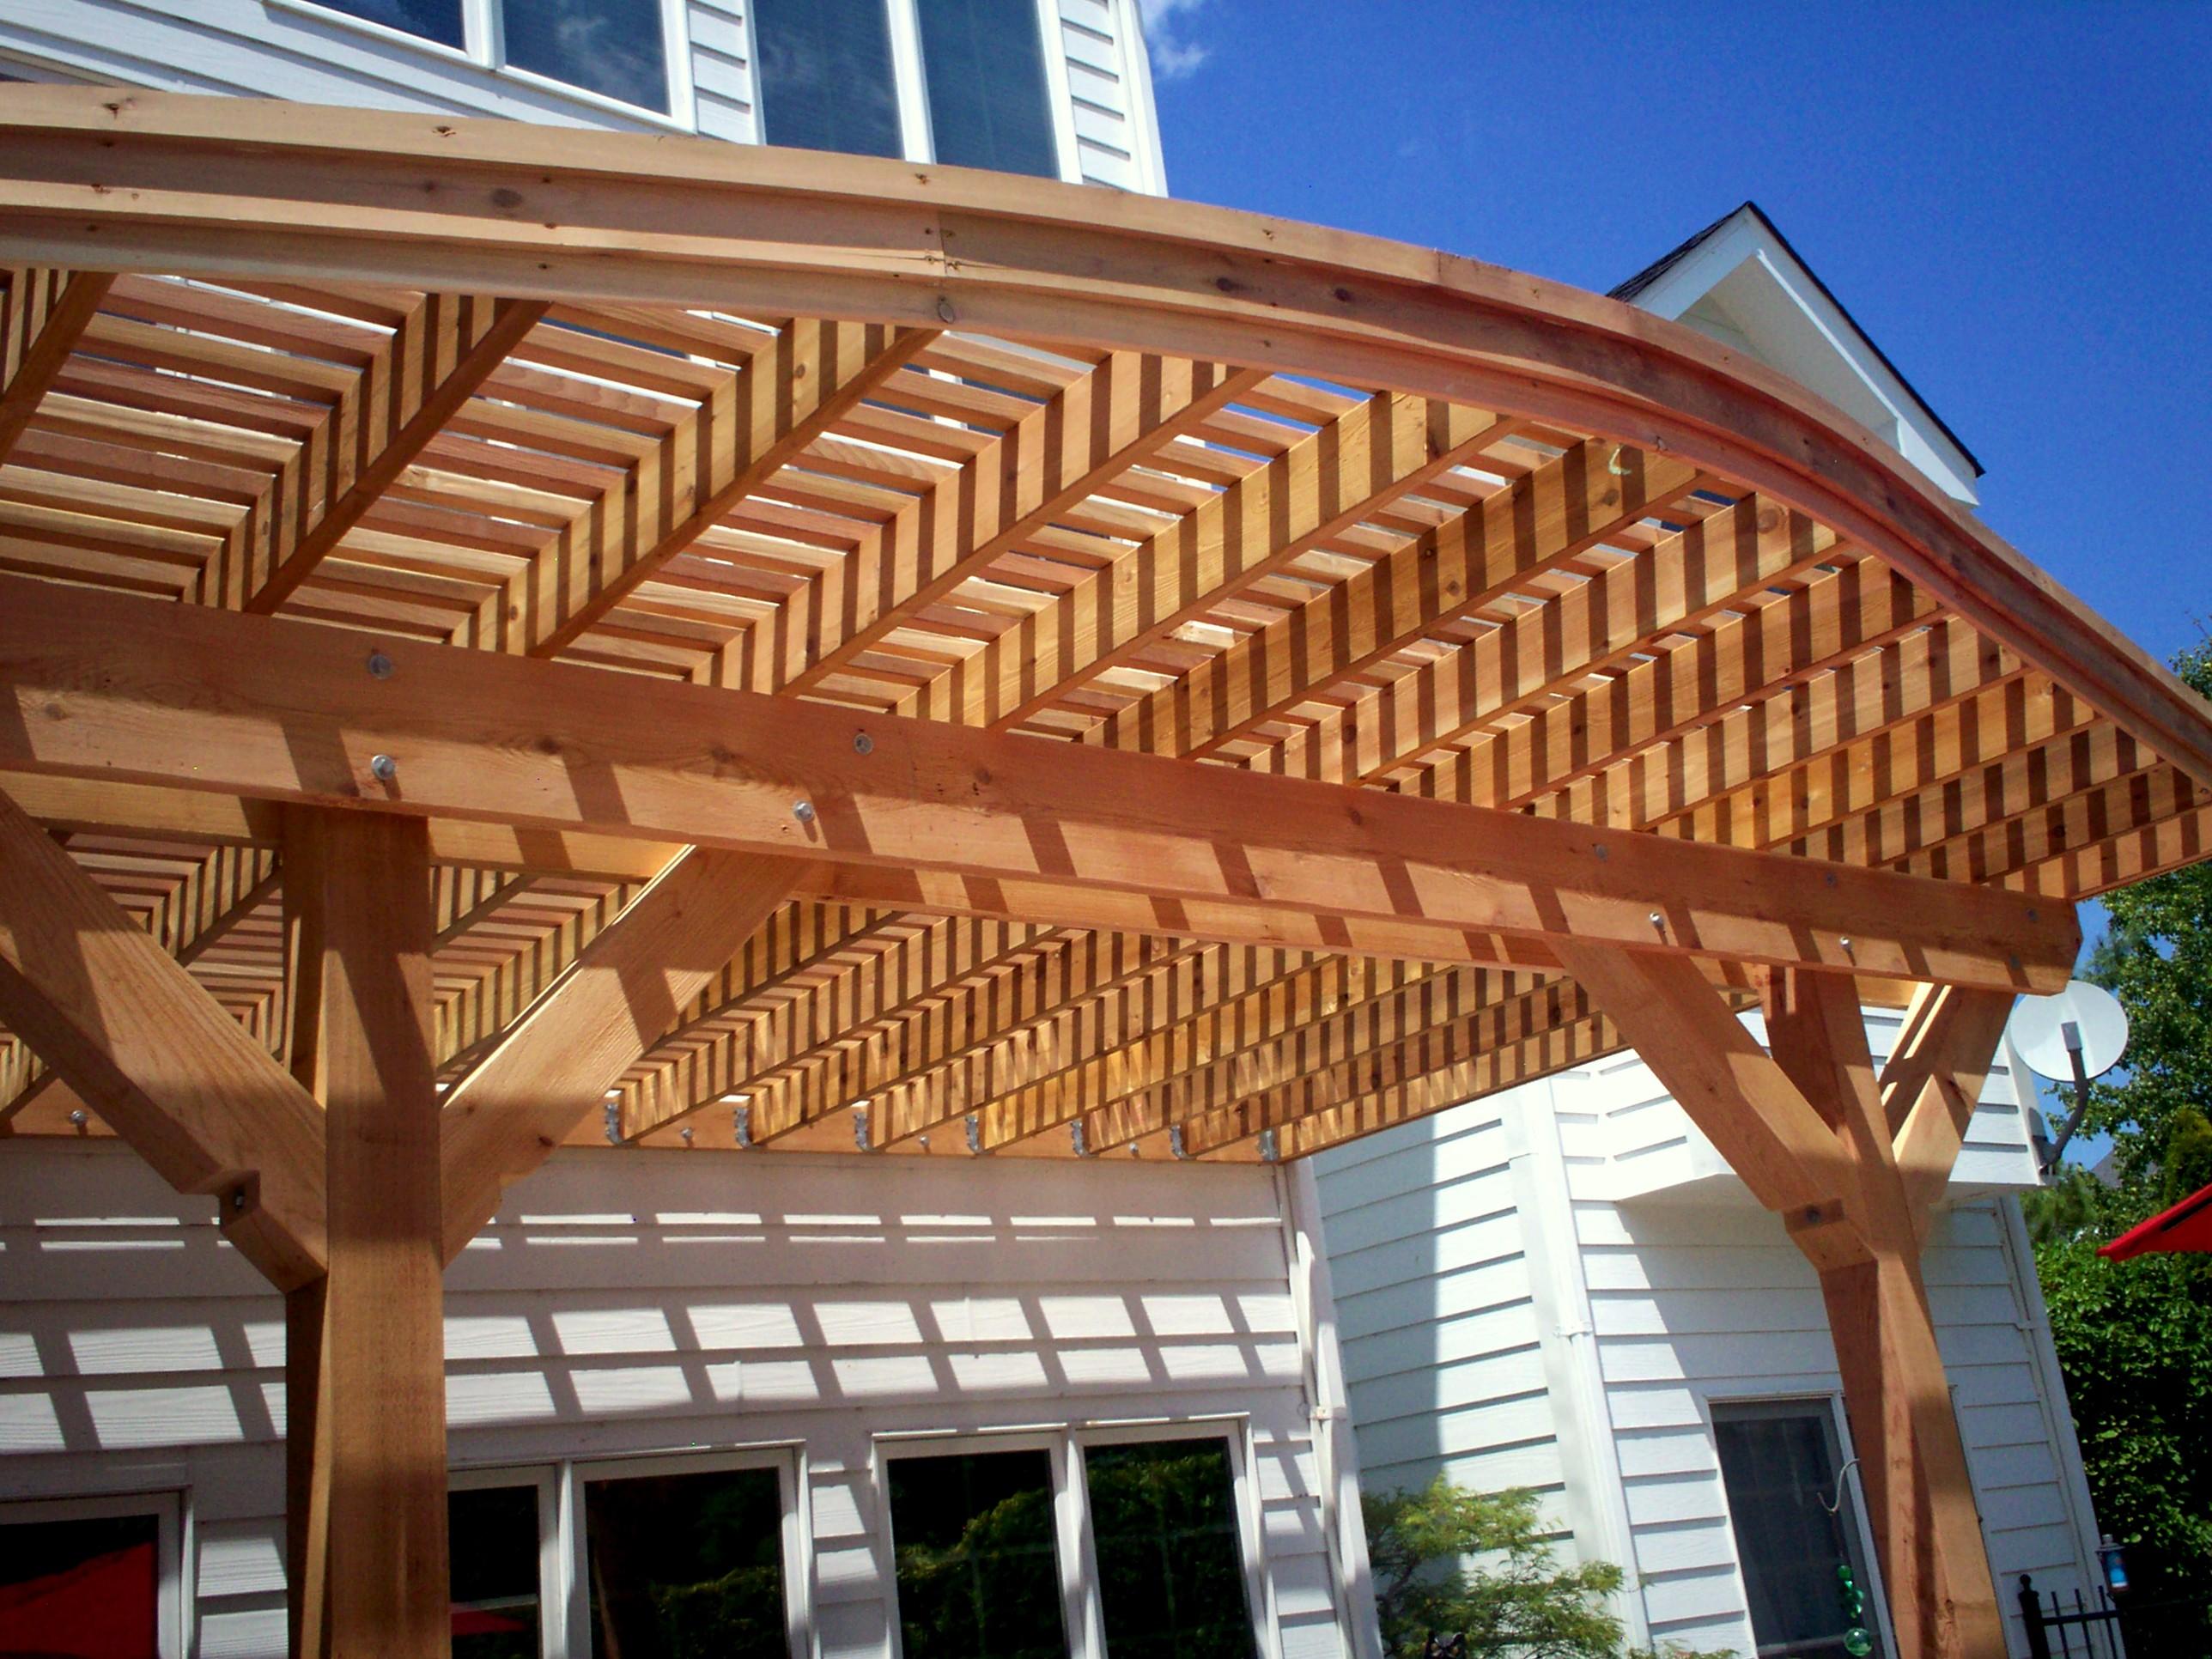 Aesthetic Decks Porches Pergolas In St Louis Where